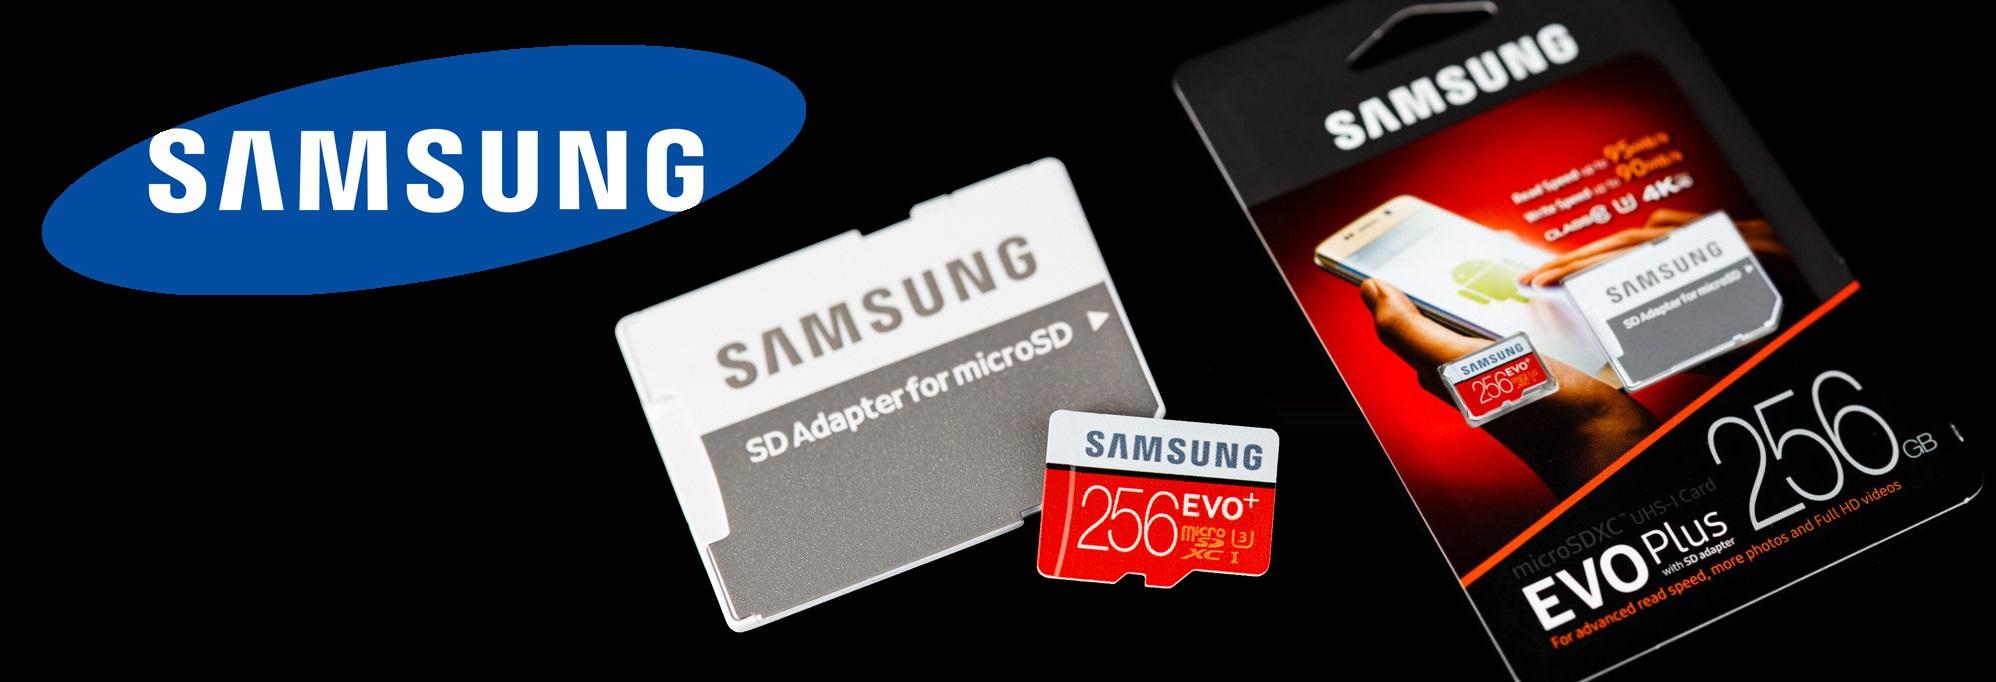 thẻ nhớ samsung chính hãng giá tốt bảo hành 5 năm